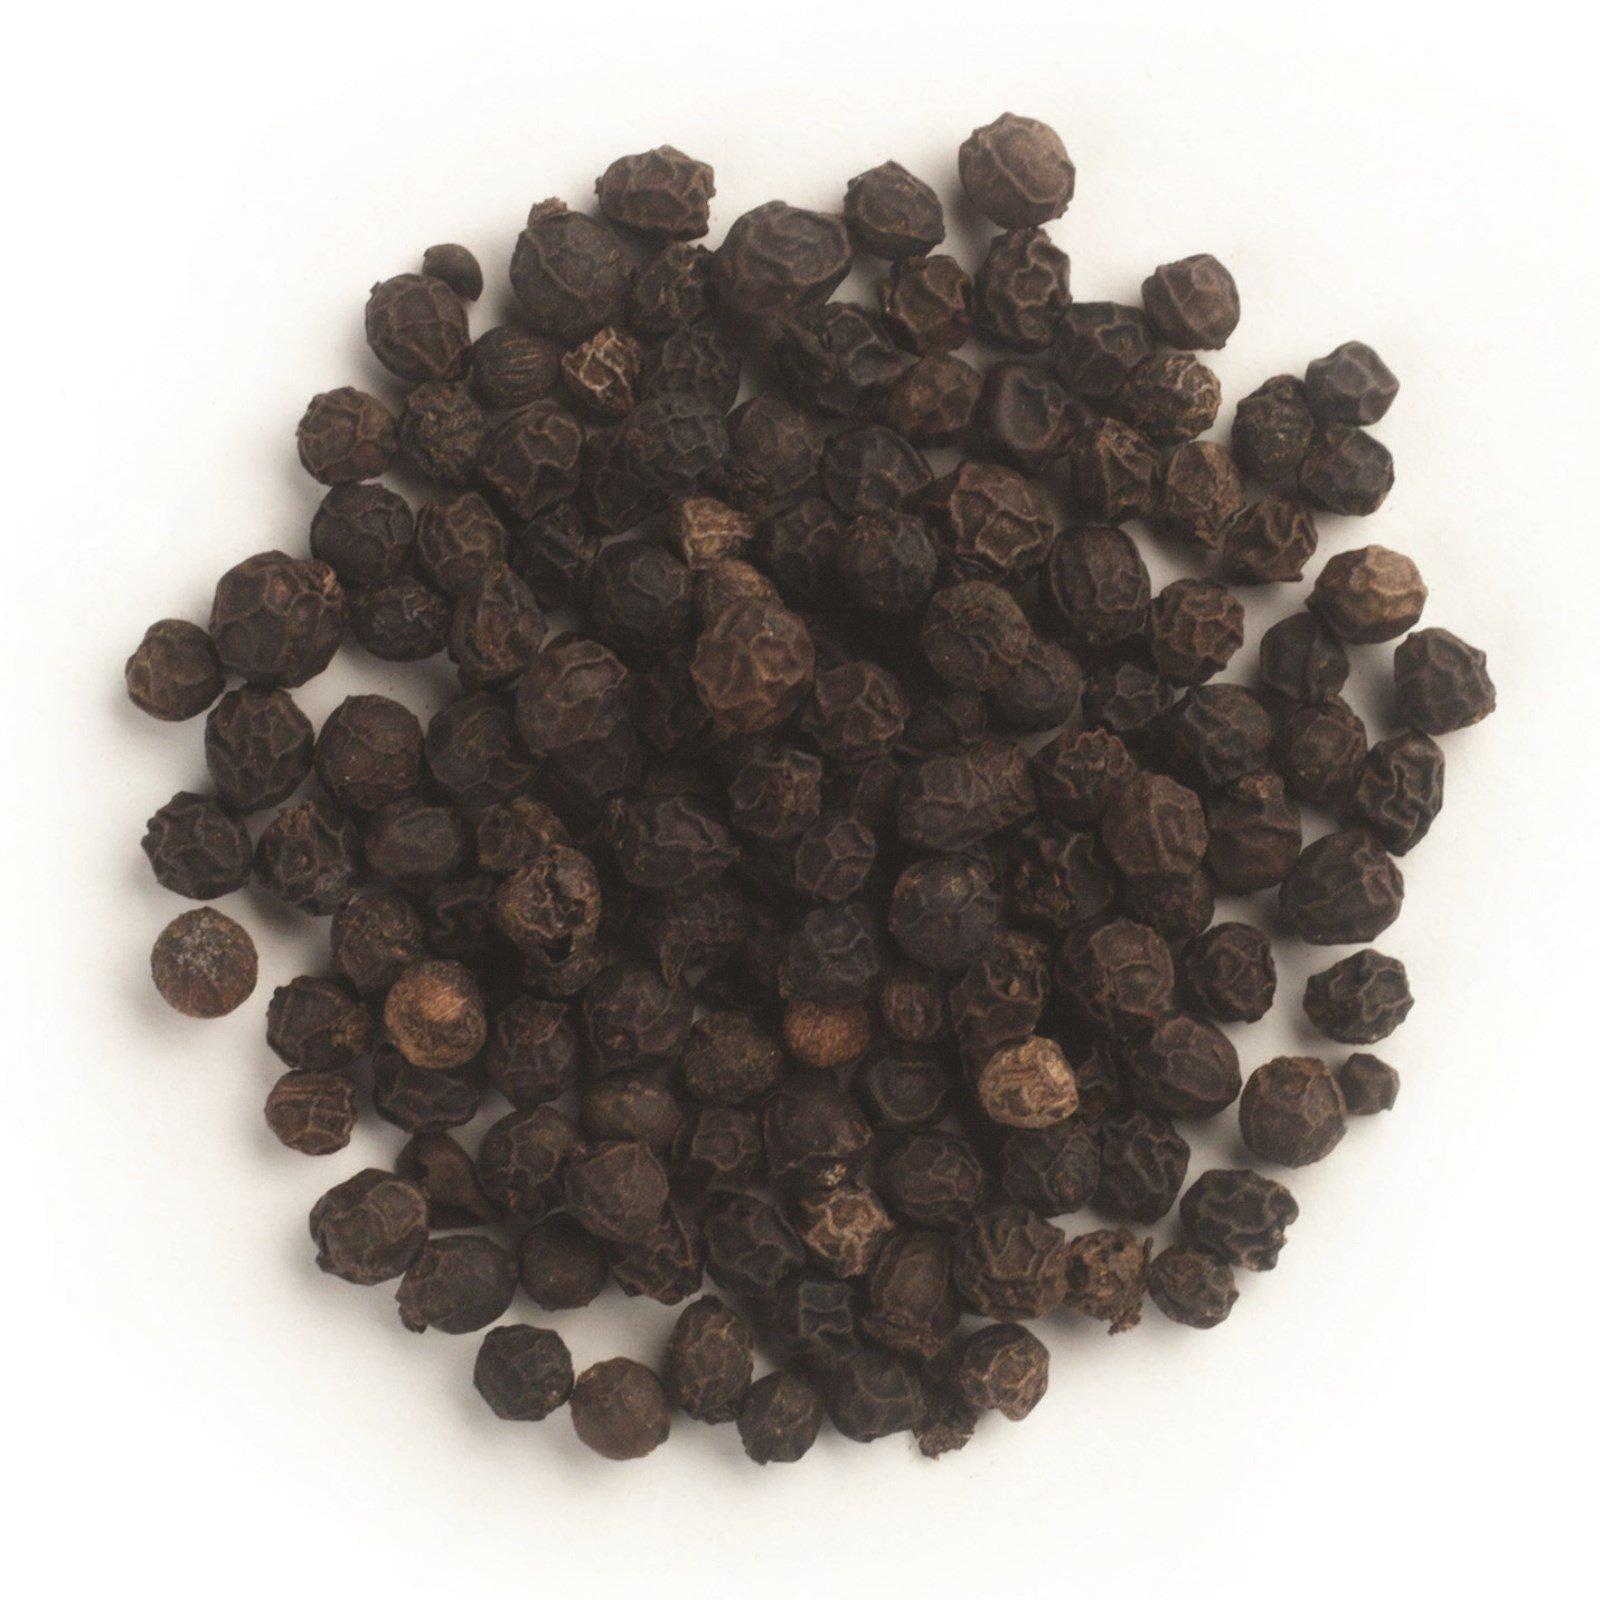 Frontier Natural Products, Цельный чёрный перец, 16 унций (453 г)